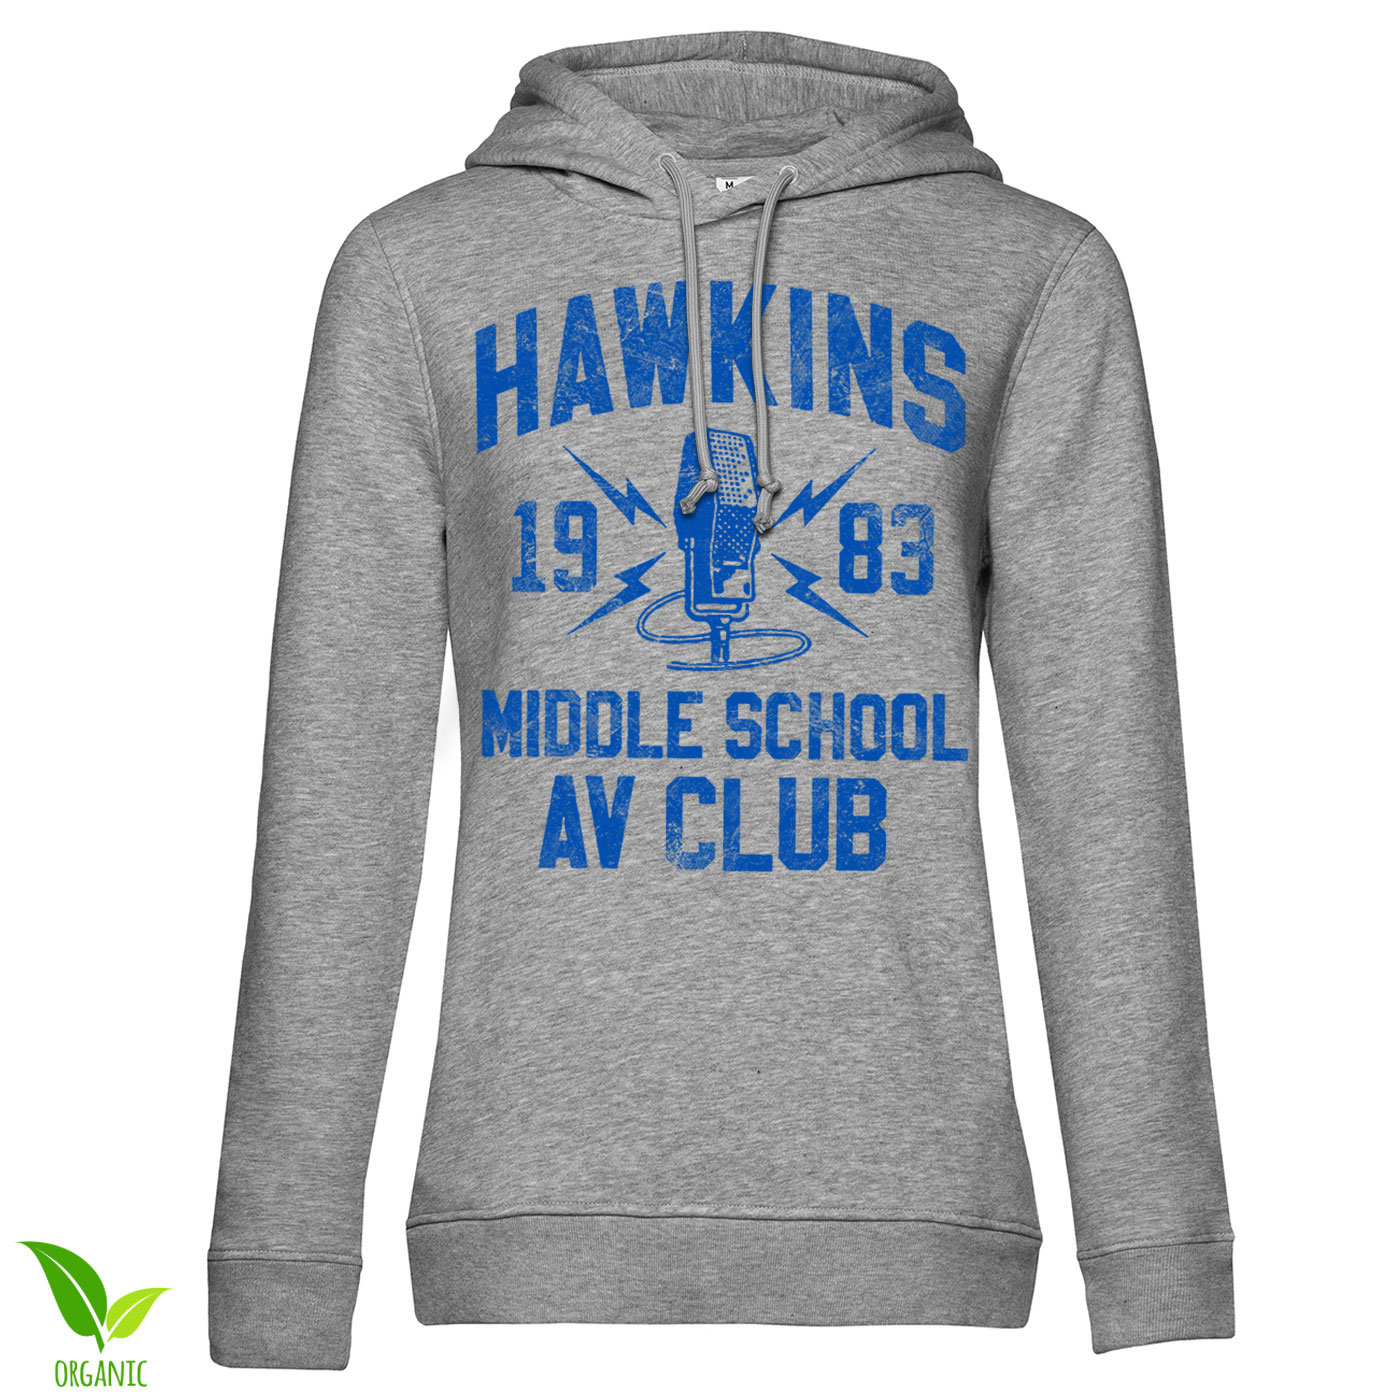 Hawkins 1983 Middle School AV Club Girls Hoodie